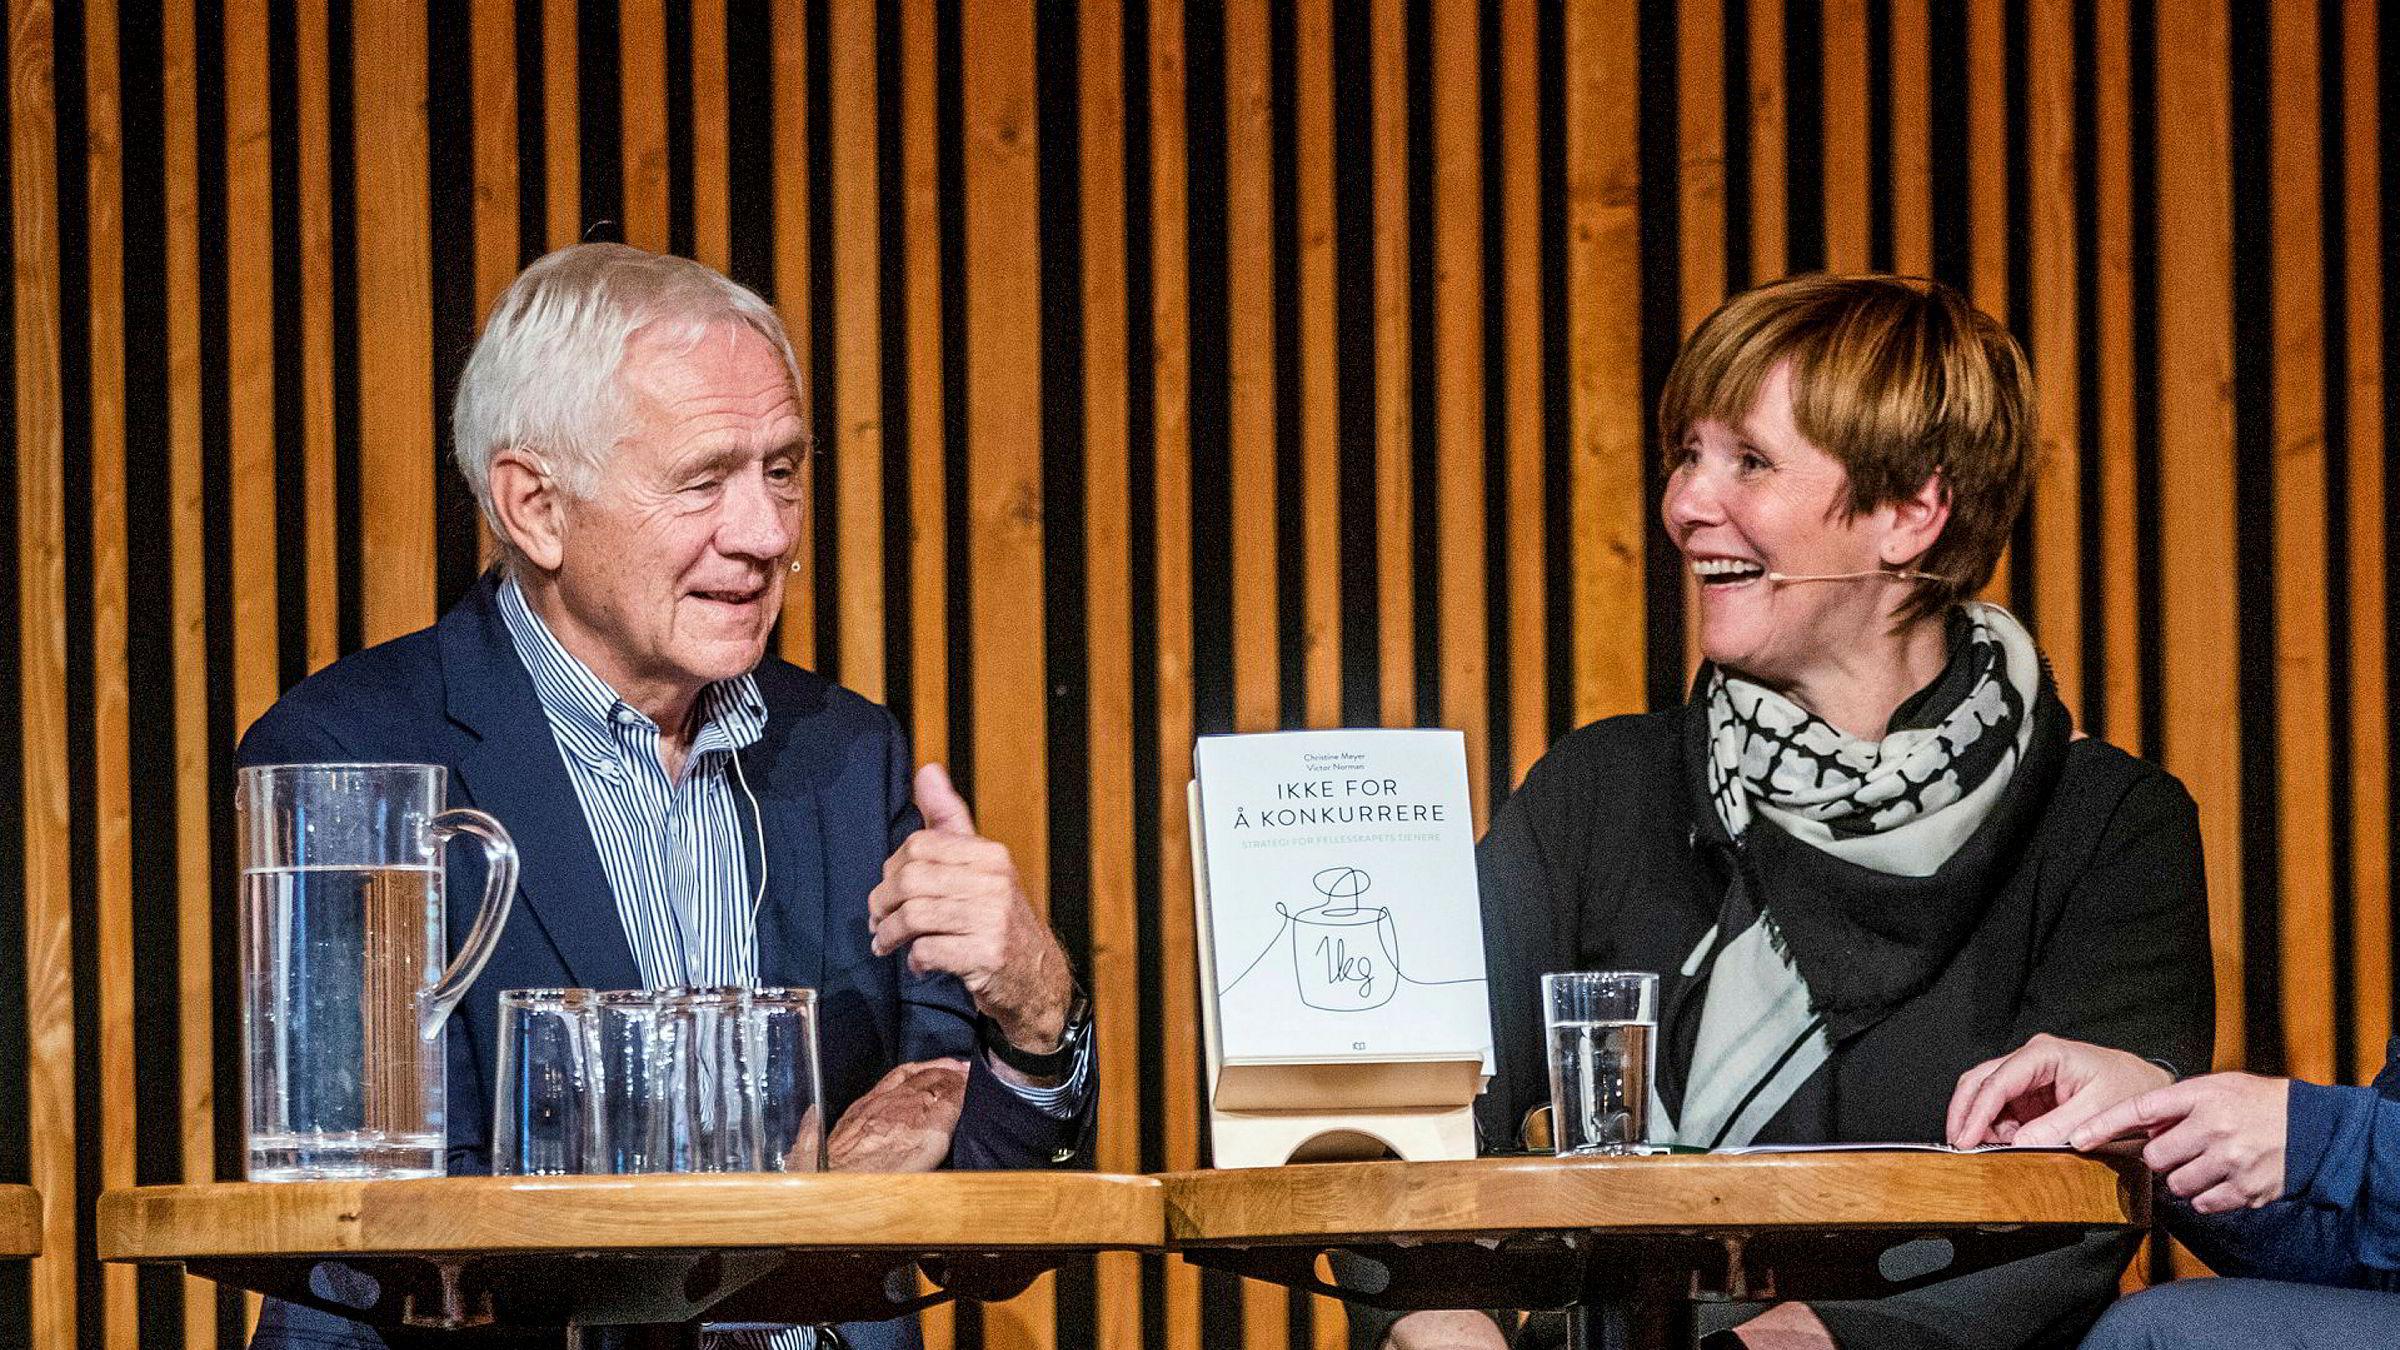 Ekteparet Christine Meyer og Victor Norman lanserte i høst boken «Ikke for å konkurrere».